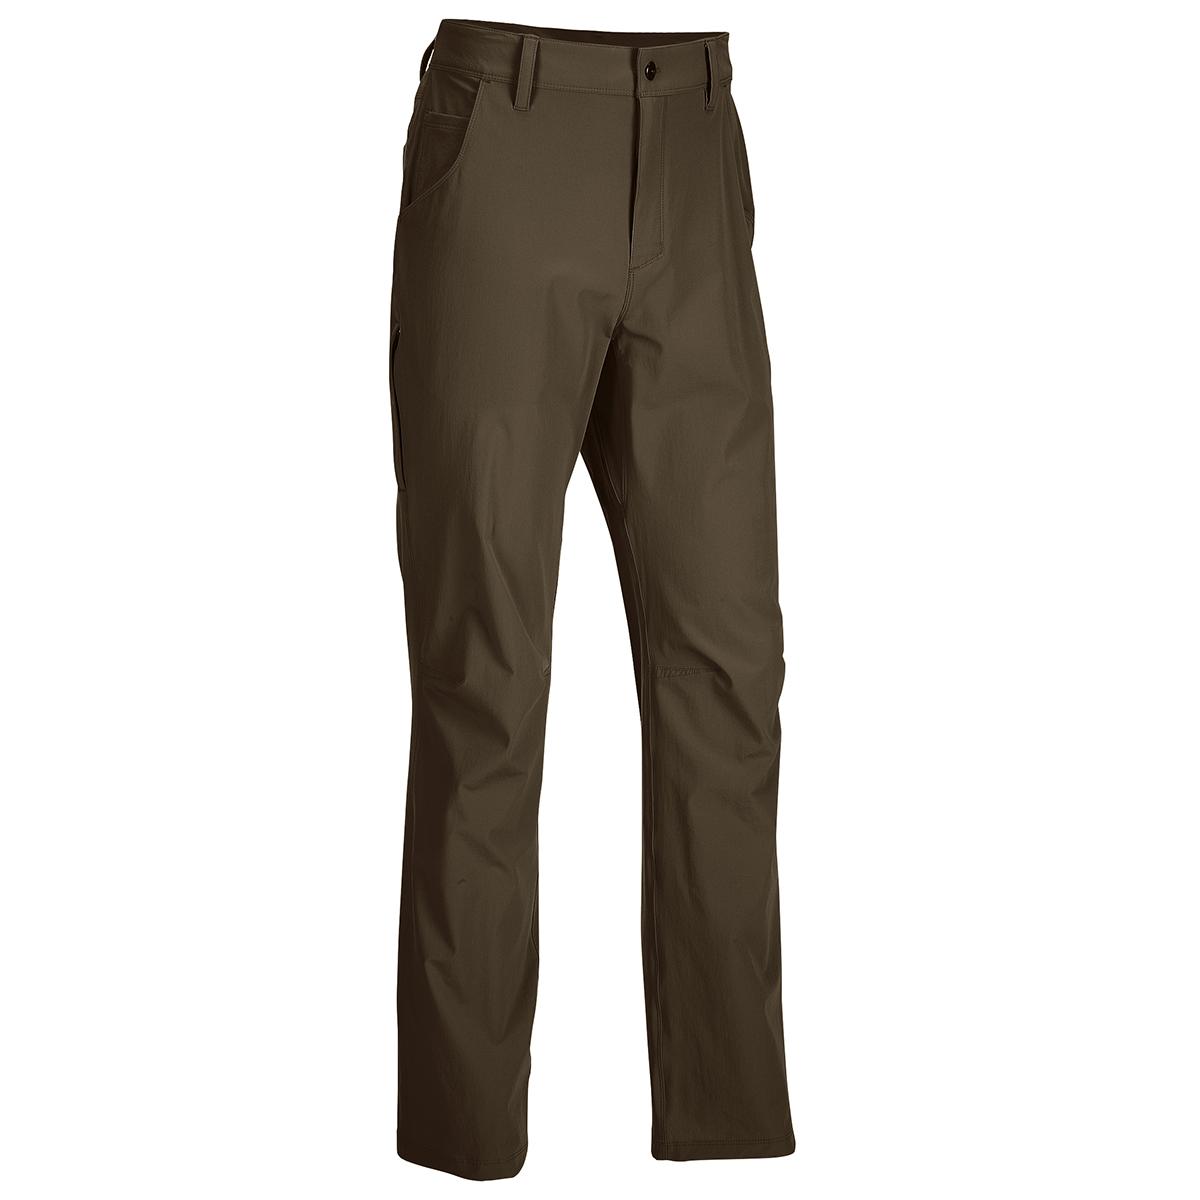 Ems Men's 4-Points Compass Pants - Brown, 30/32